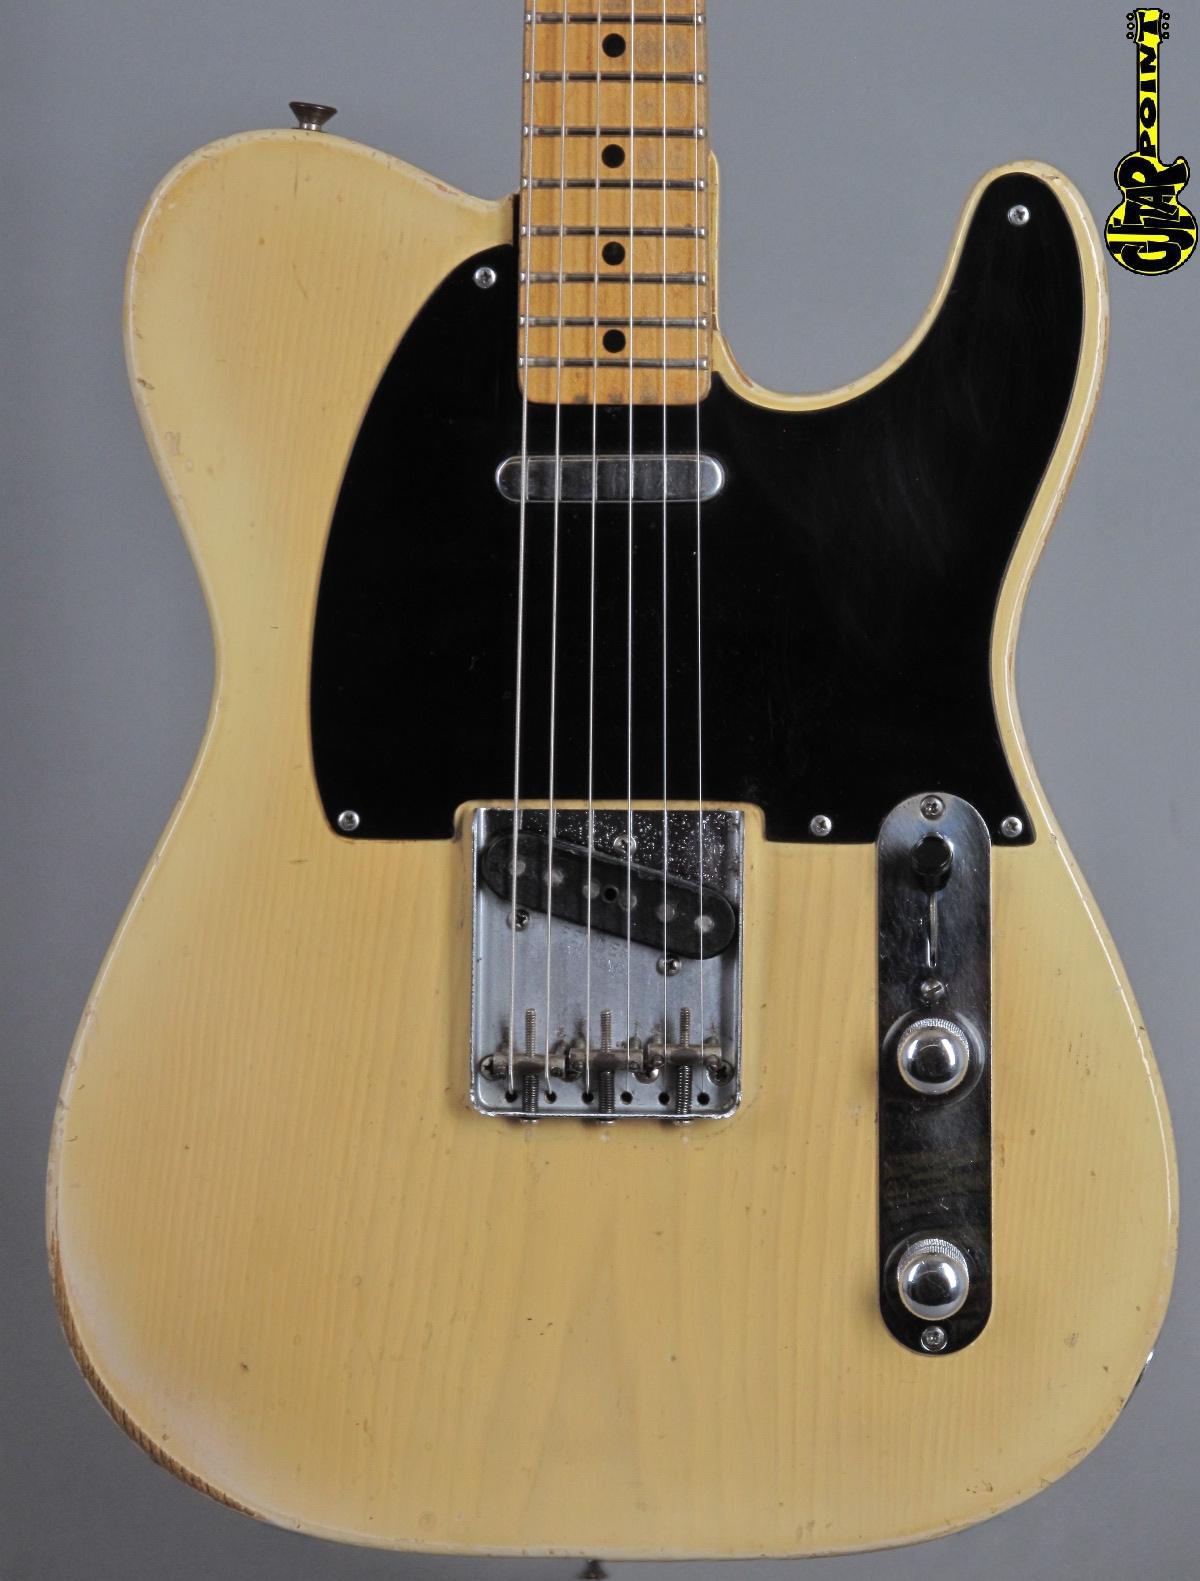 1954 Fender Telecaster - Blond